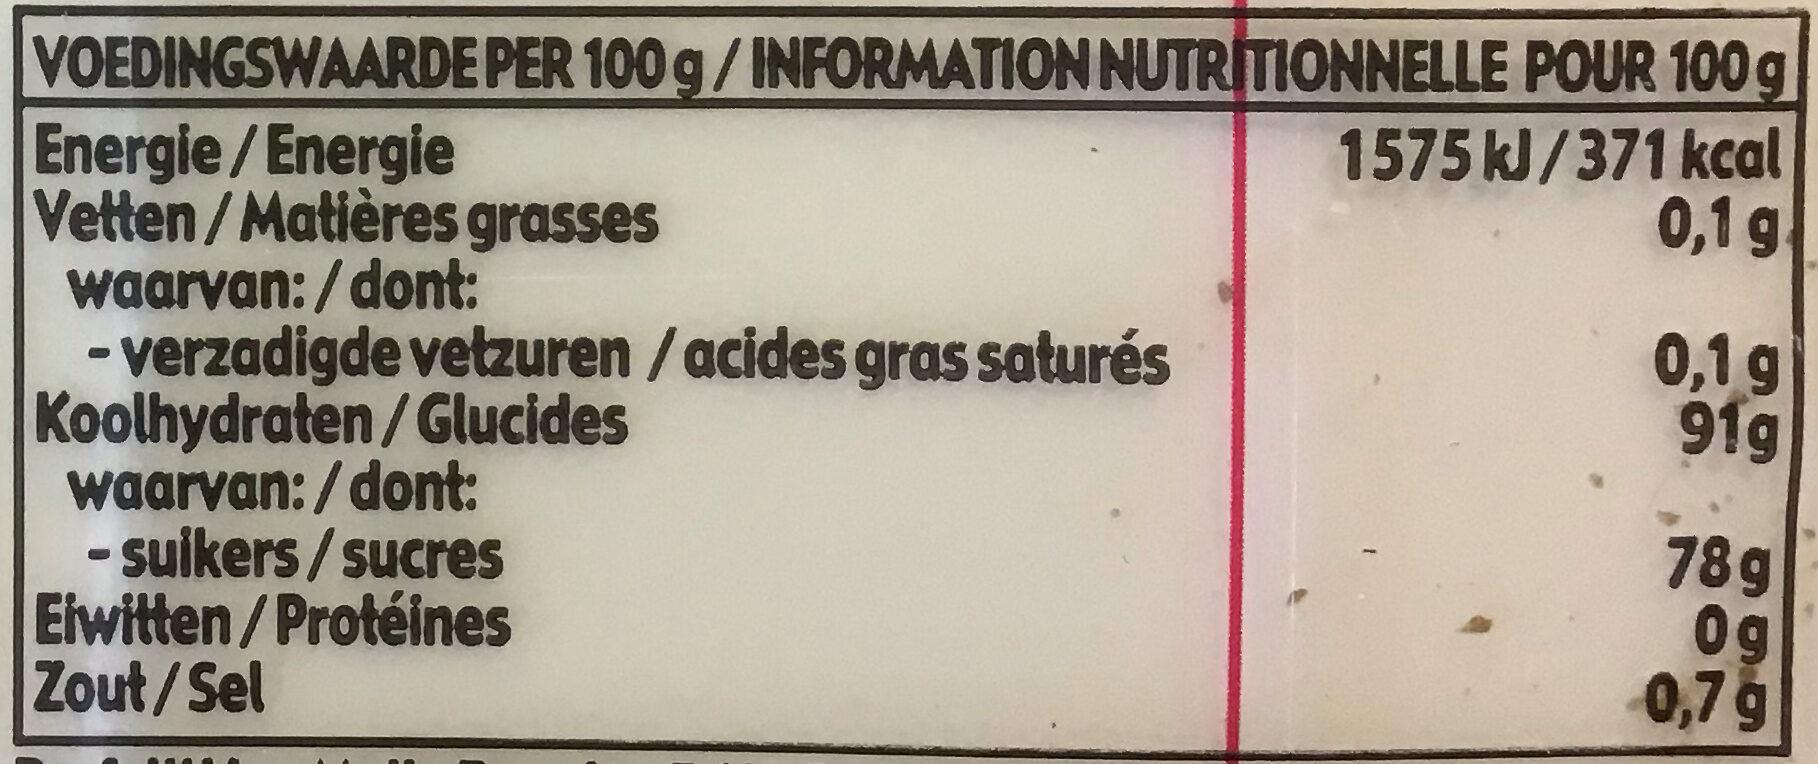 Wybert original - Nutrition facts - nl